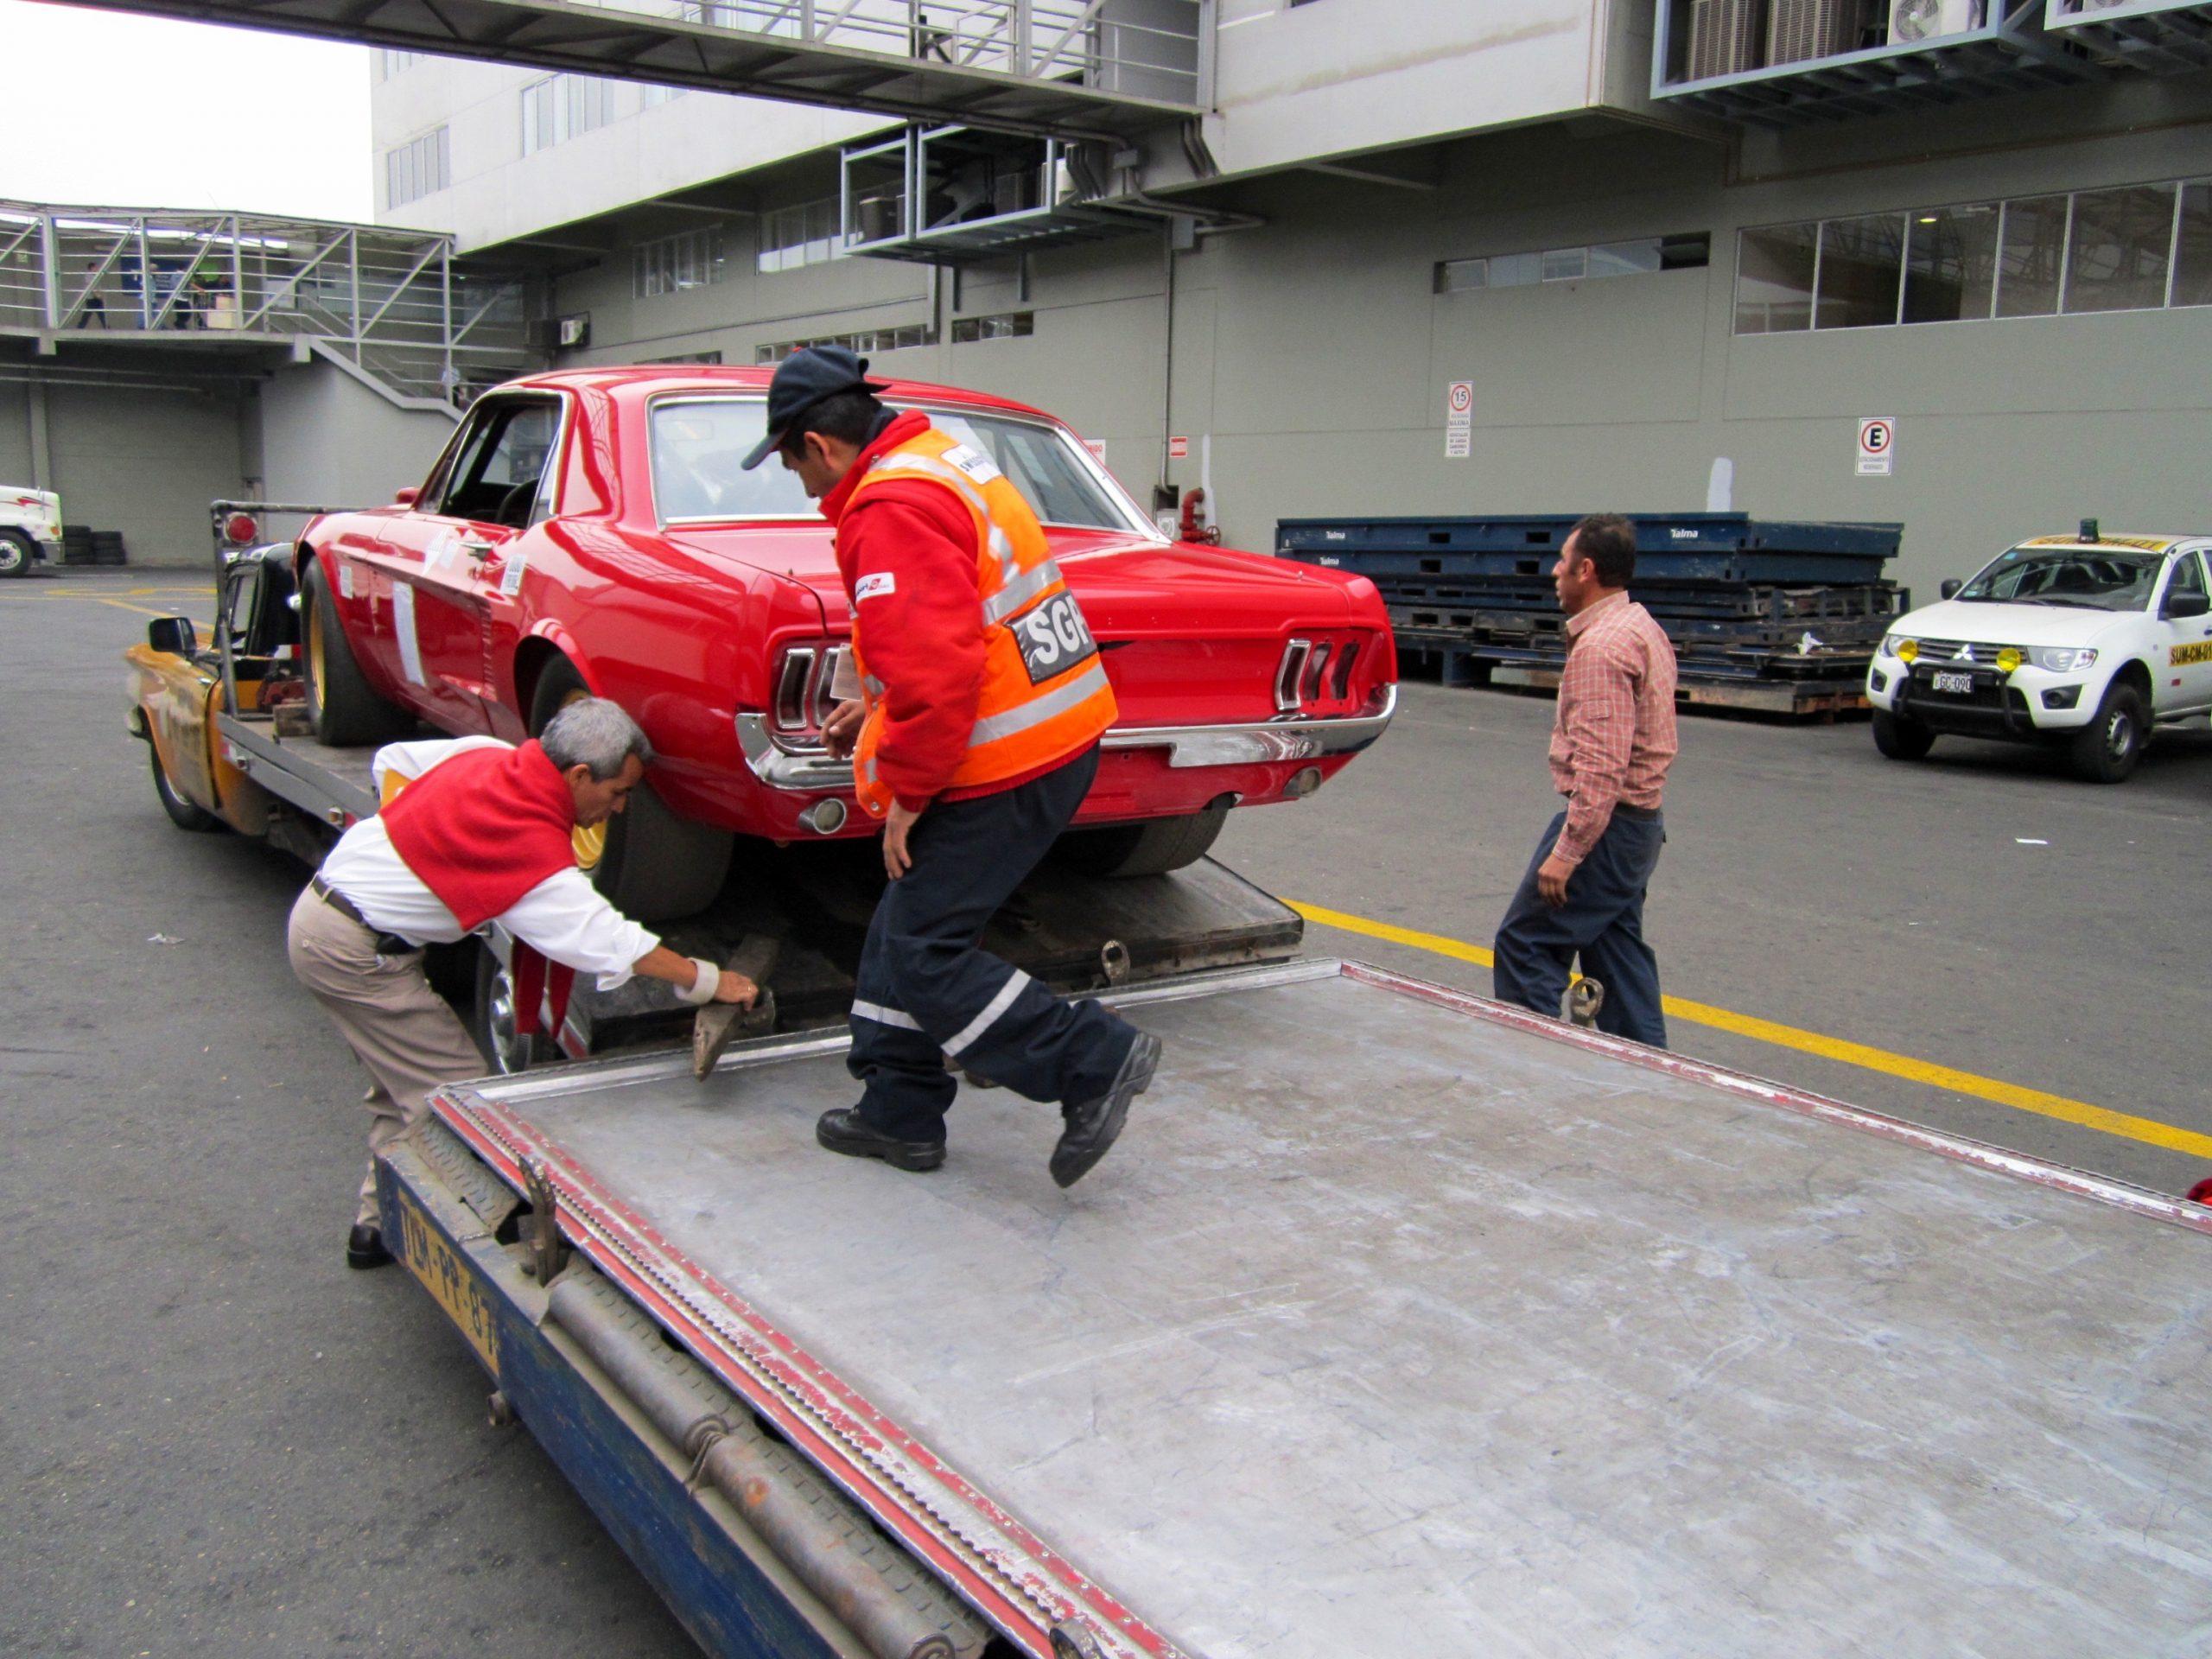 1967 Holman-Moody Mustang Batman loaded on carrier rear